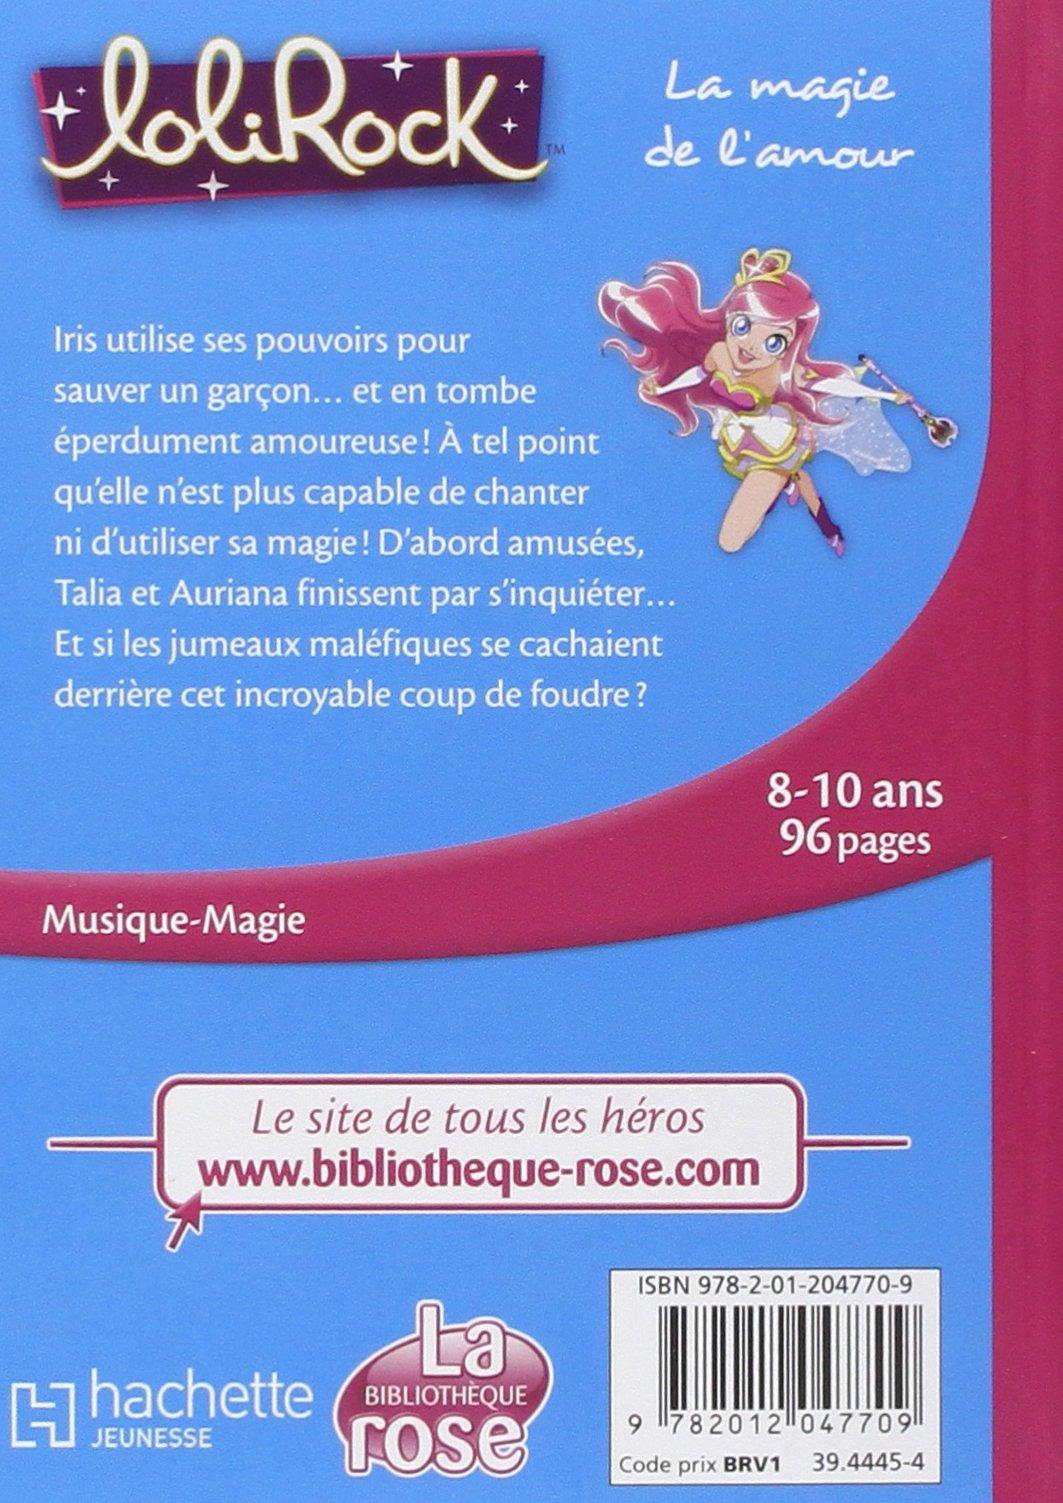 Lolirock Tome 2 La Magie De L Amour Vanessa Rubio